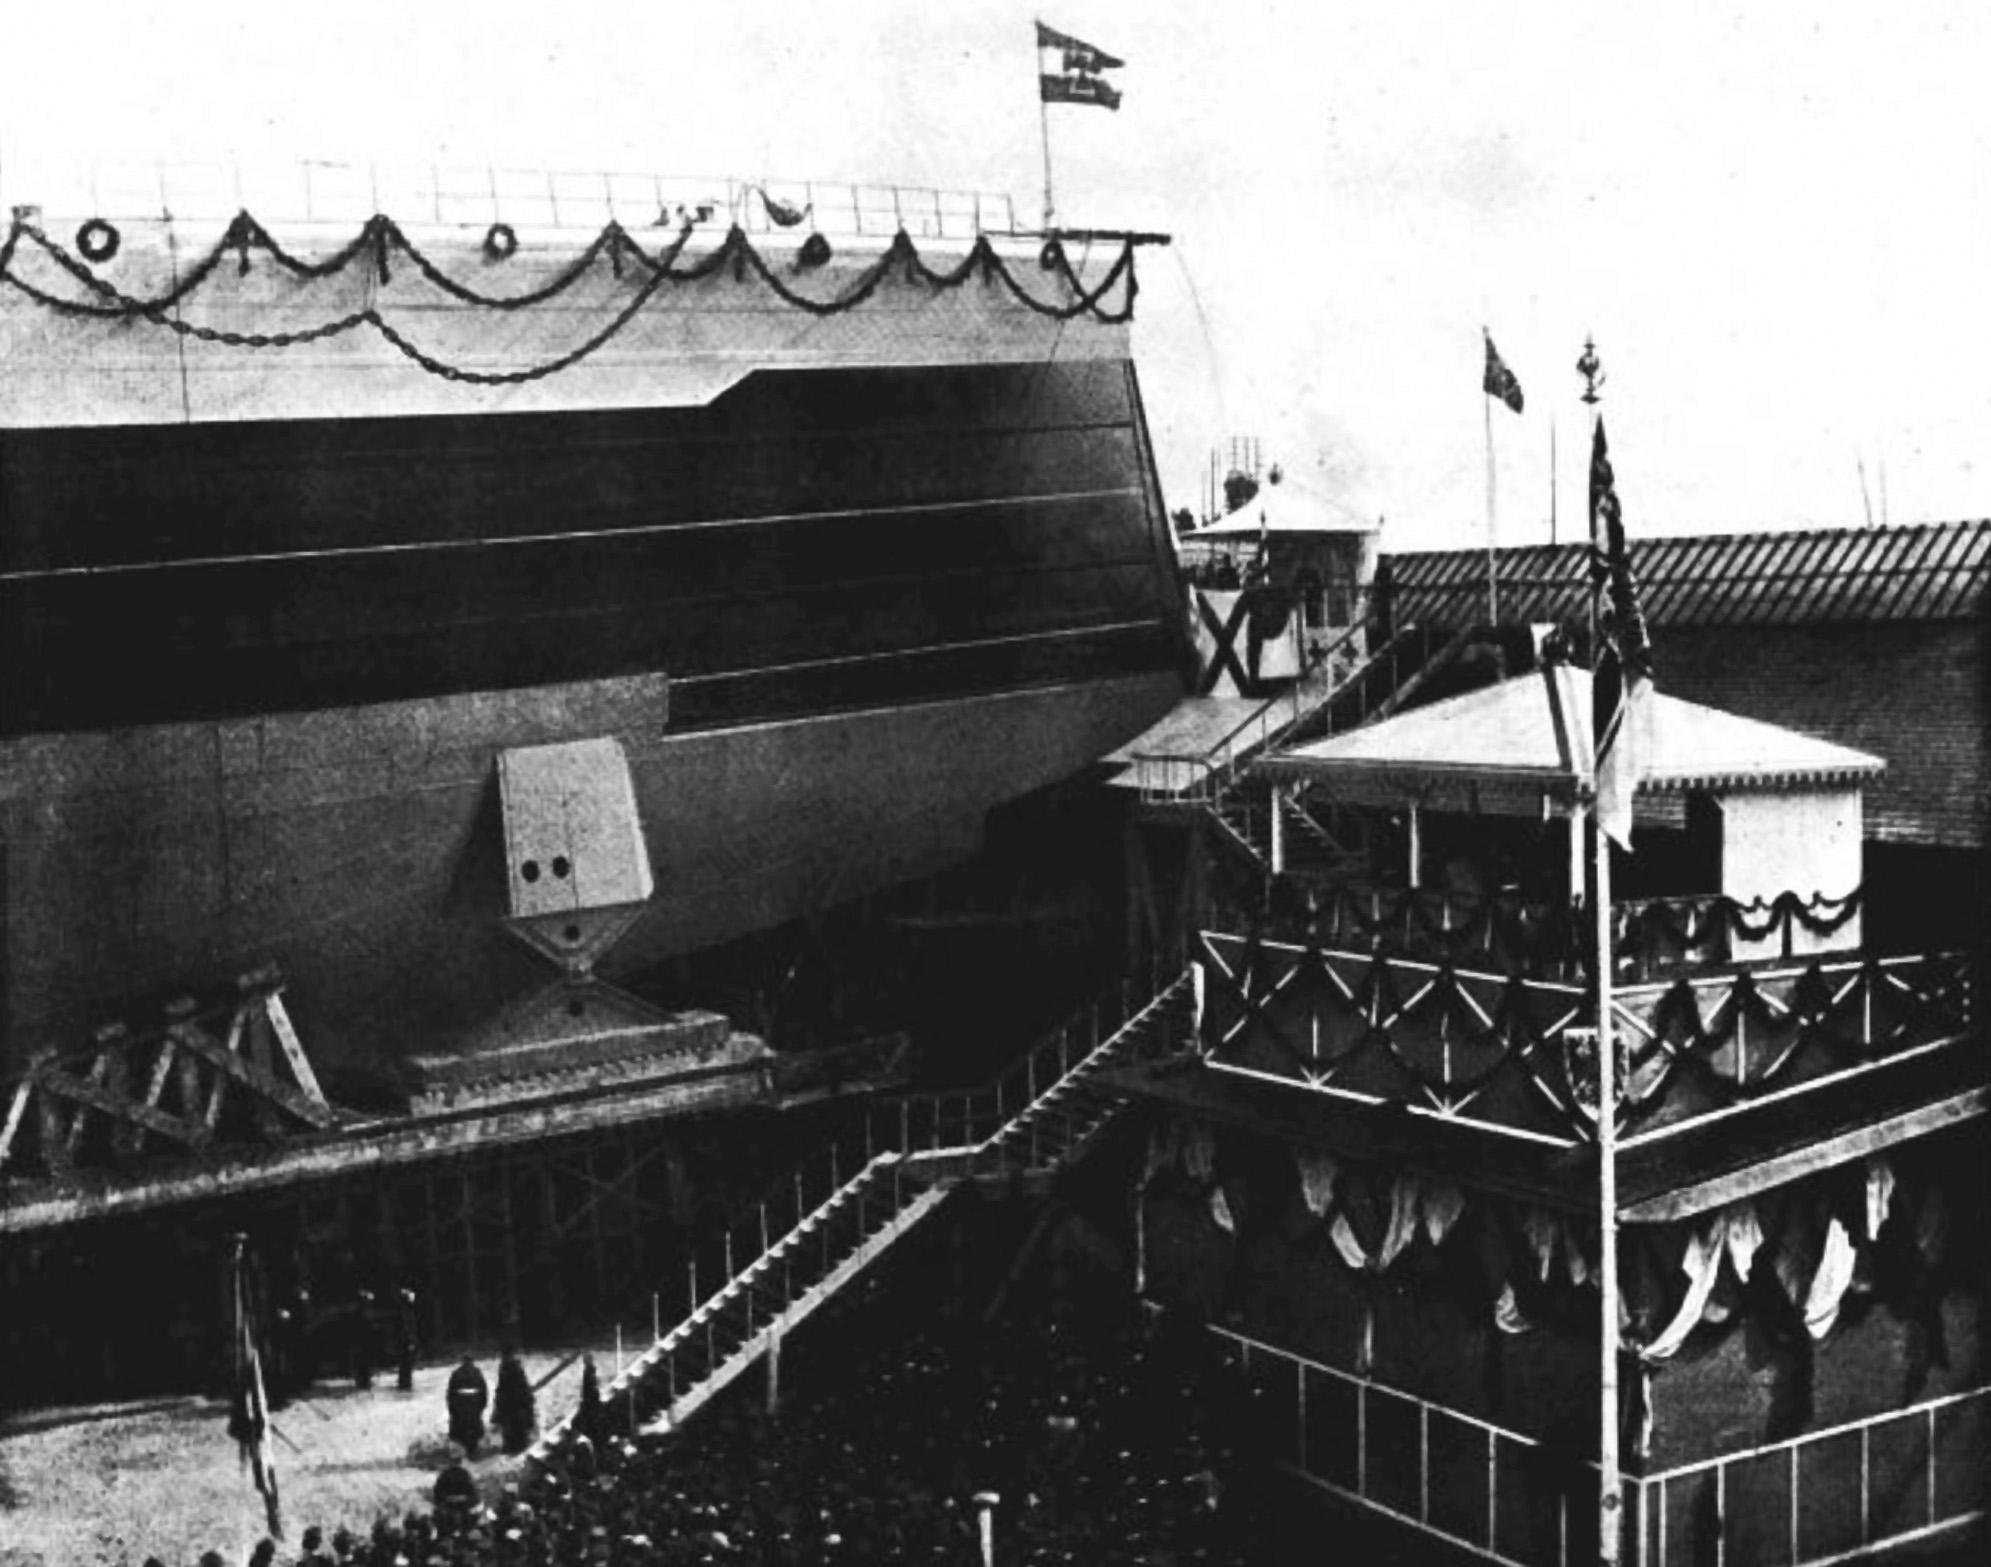 Linienschiff Kaiser.jpg